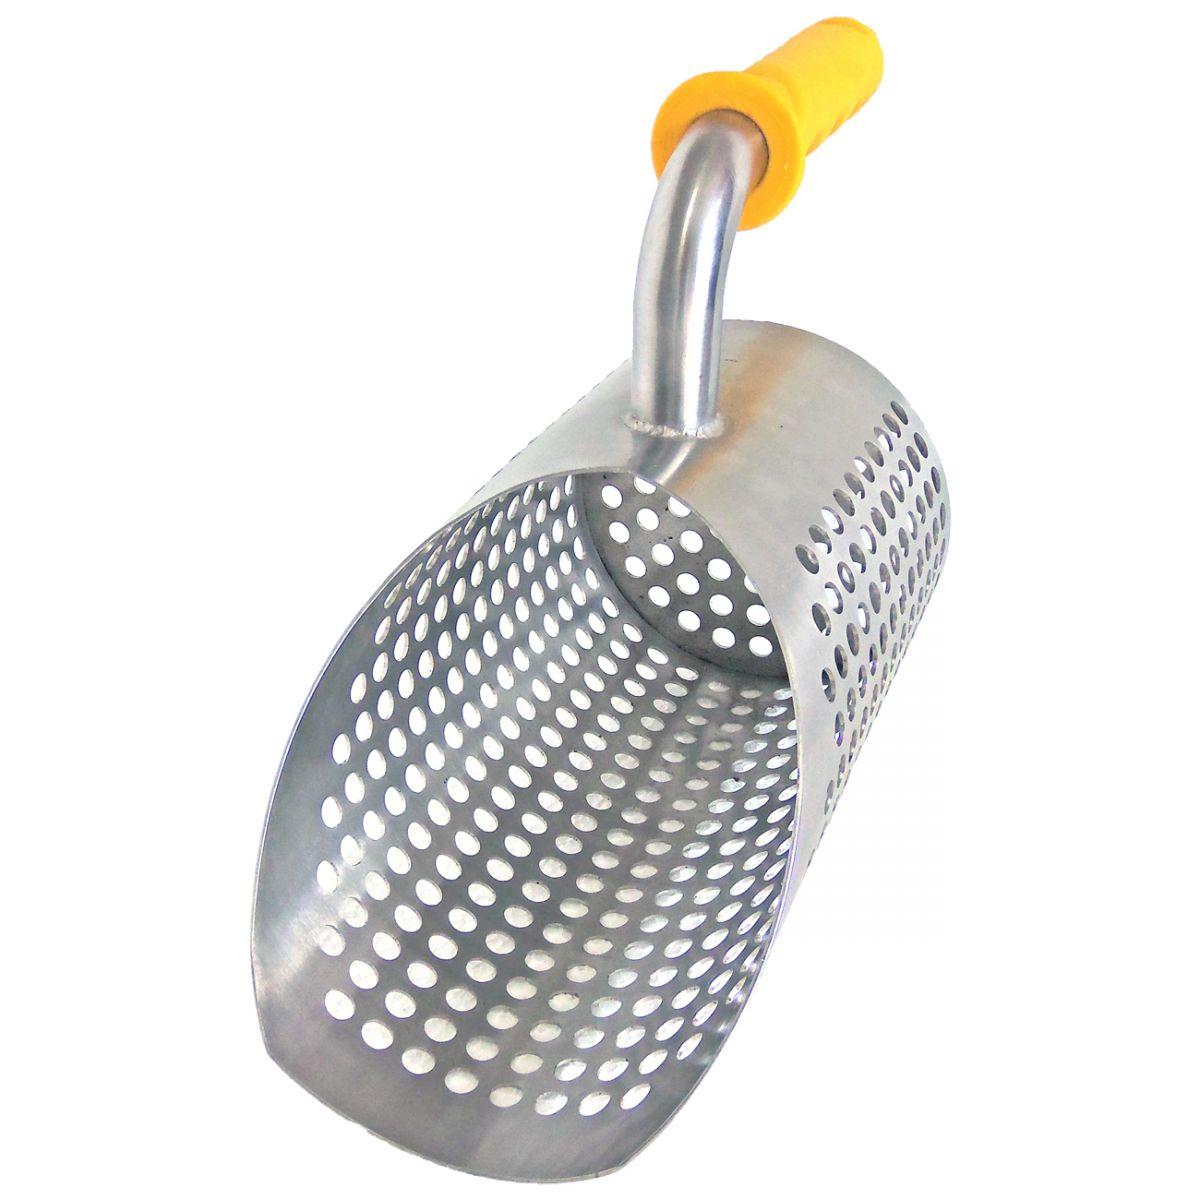 Concha de Mão (Hand Scoop)